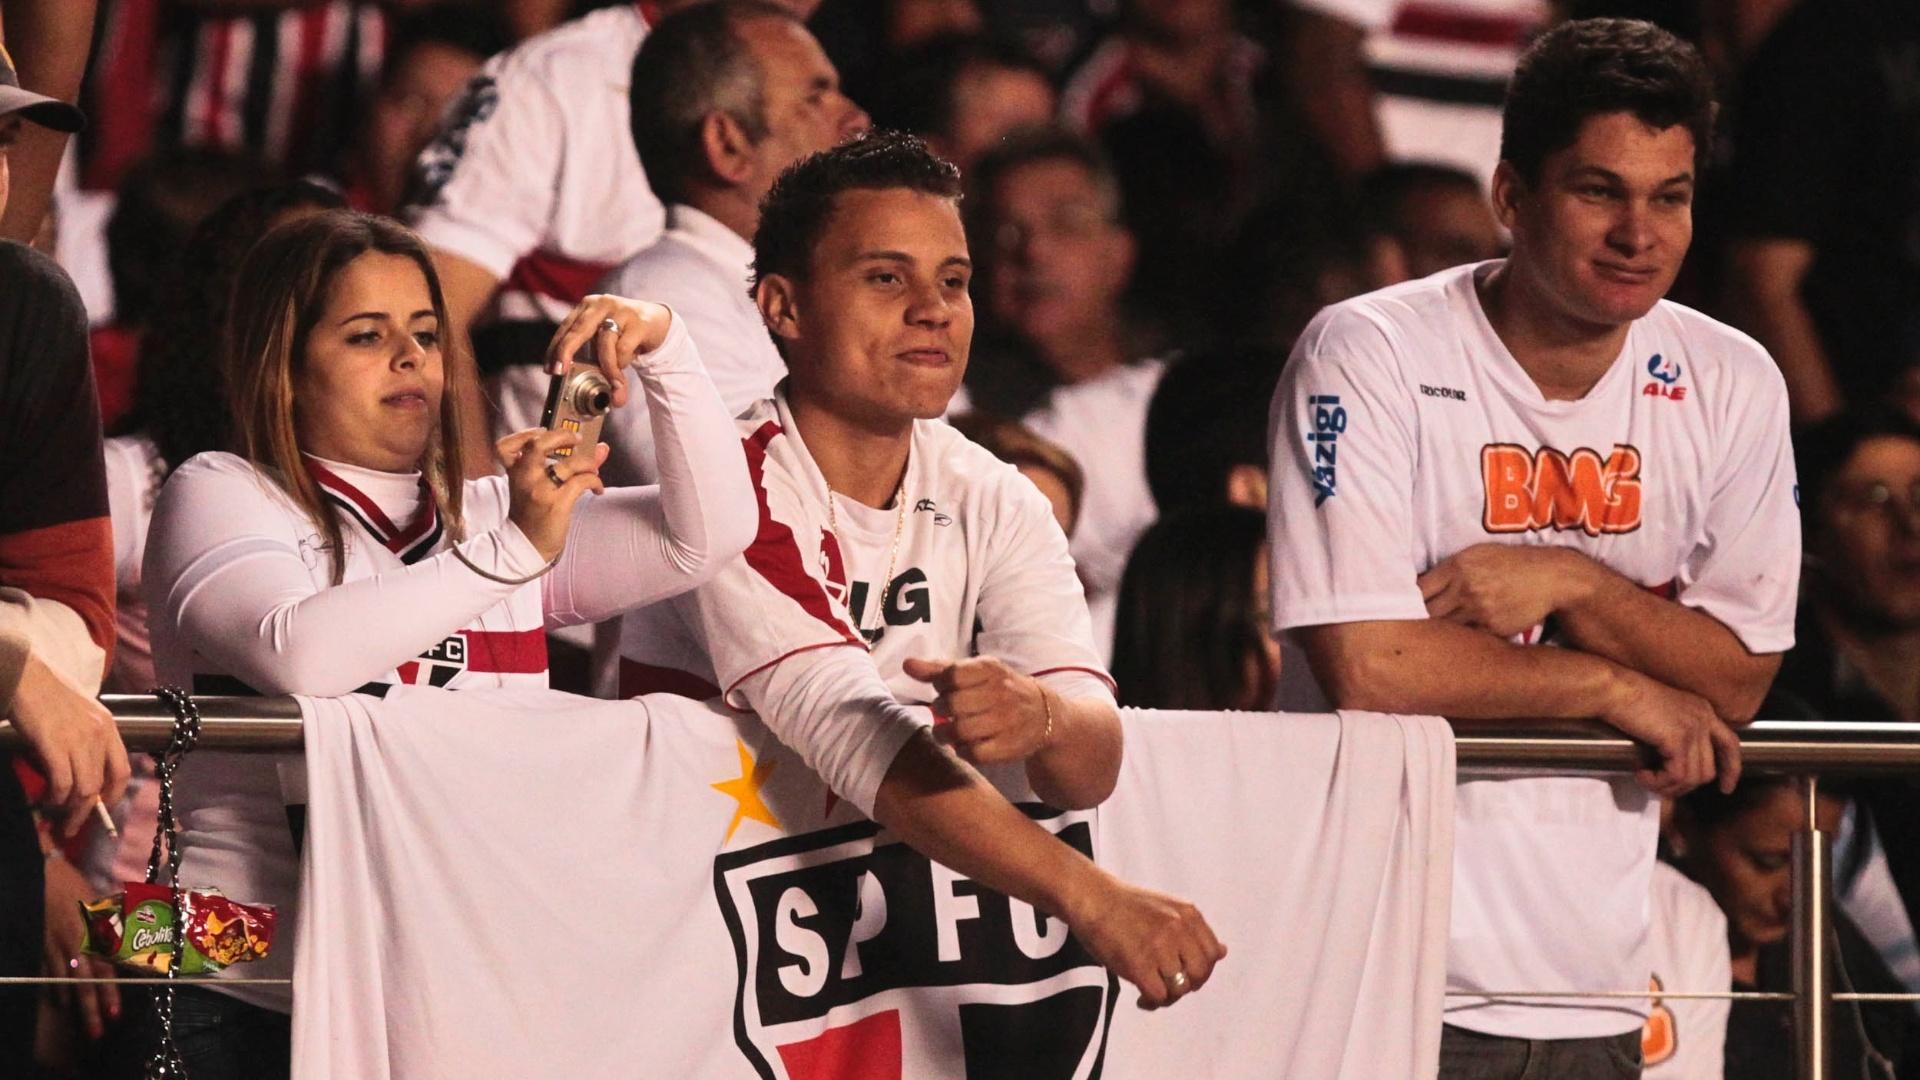 Torcedores do São Paulo levaram bandeira do clube ao Morumbi